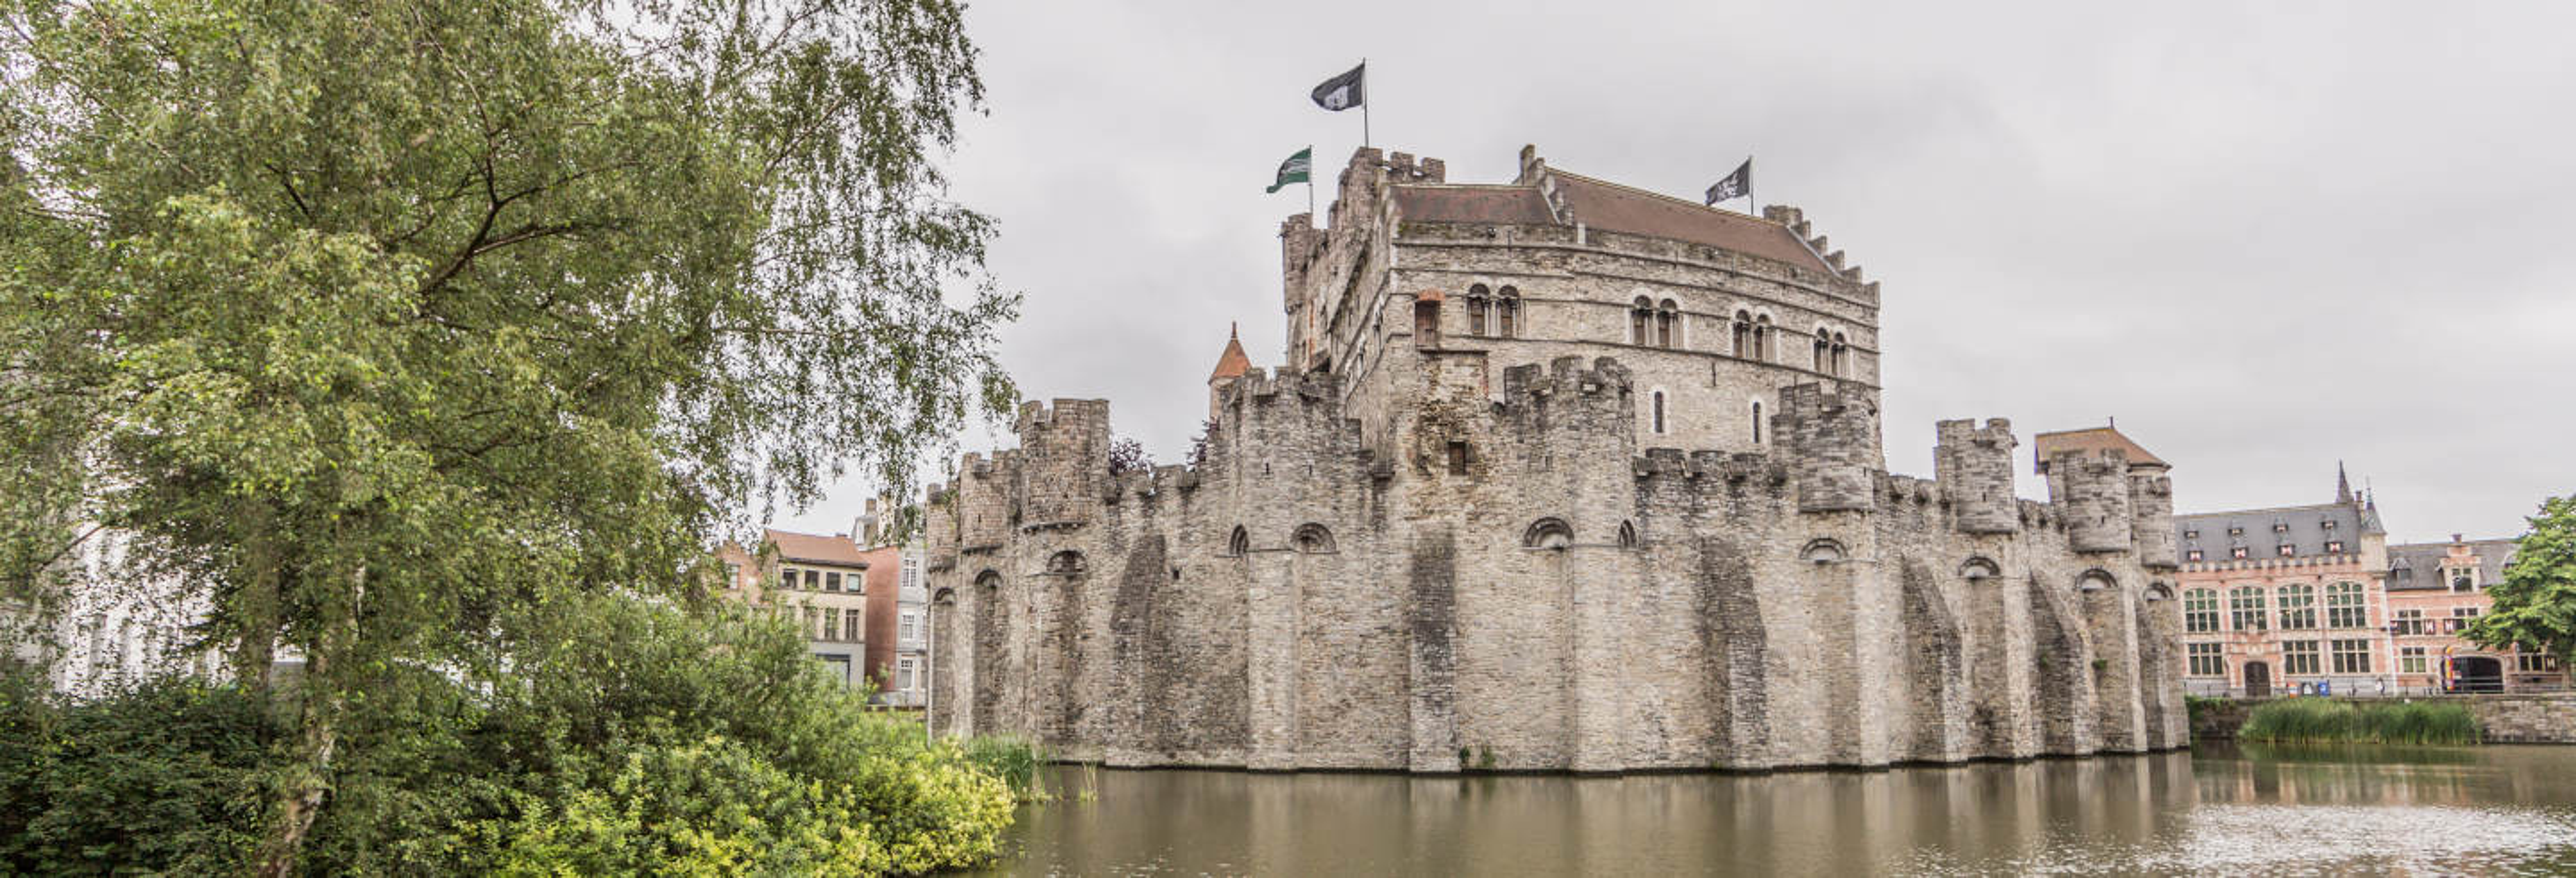 Excursão à Antuérpia e Gent